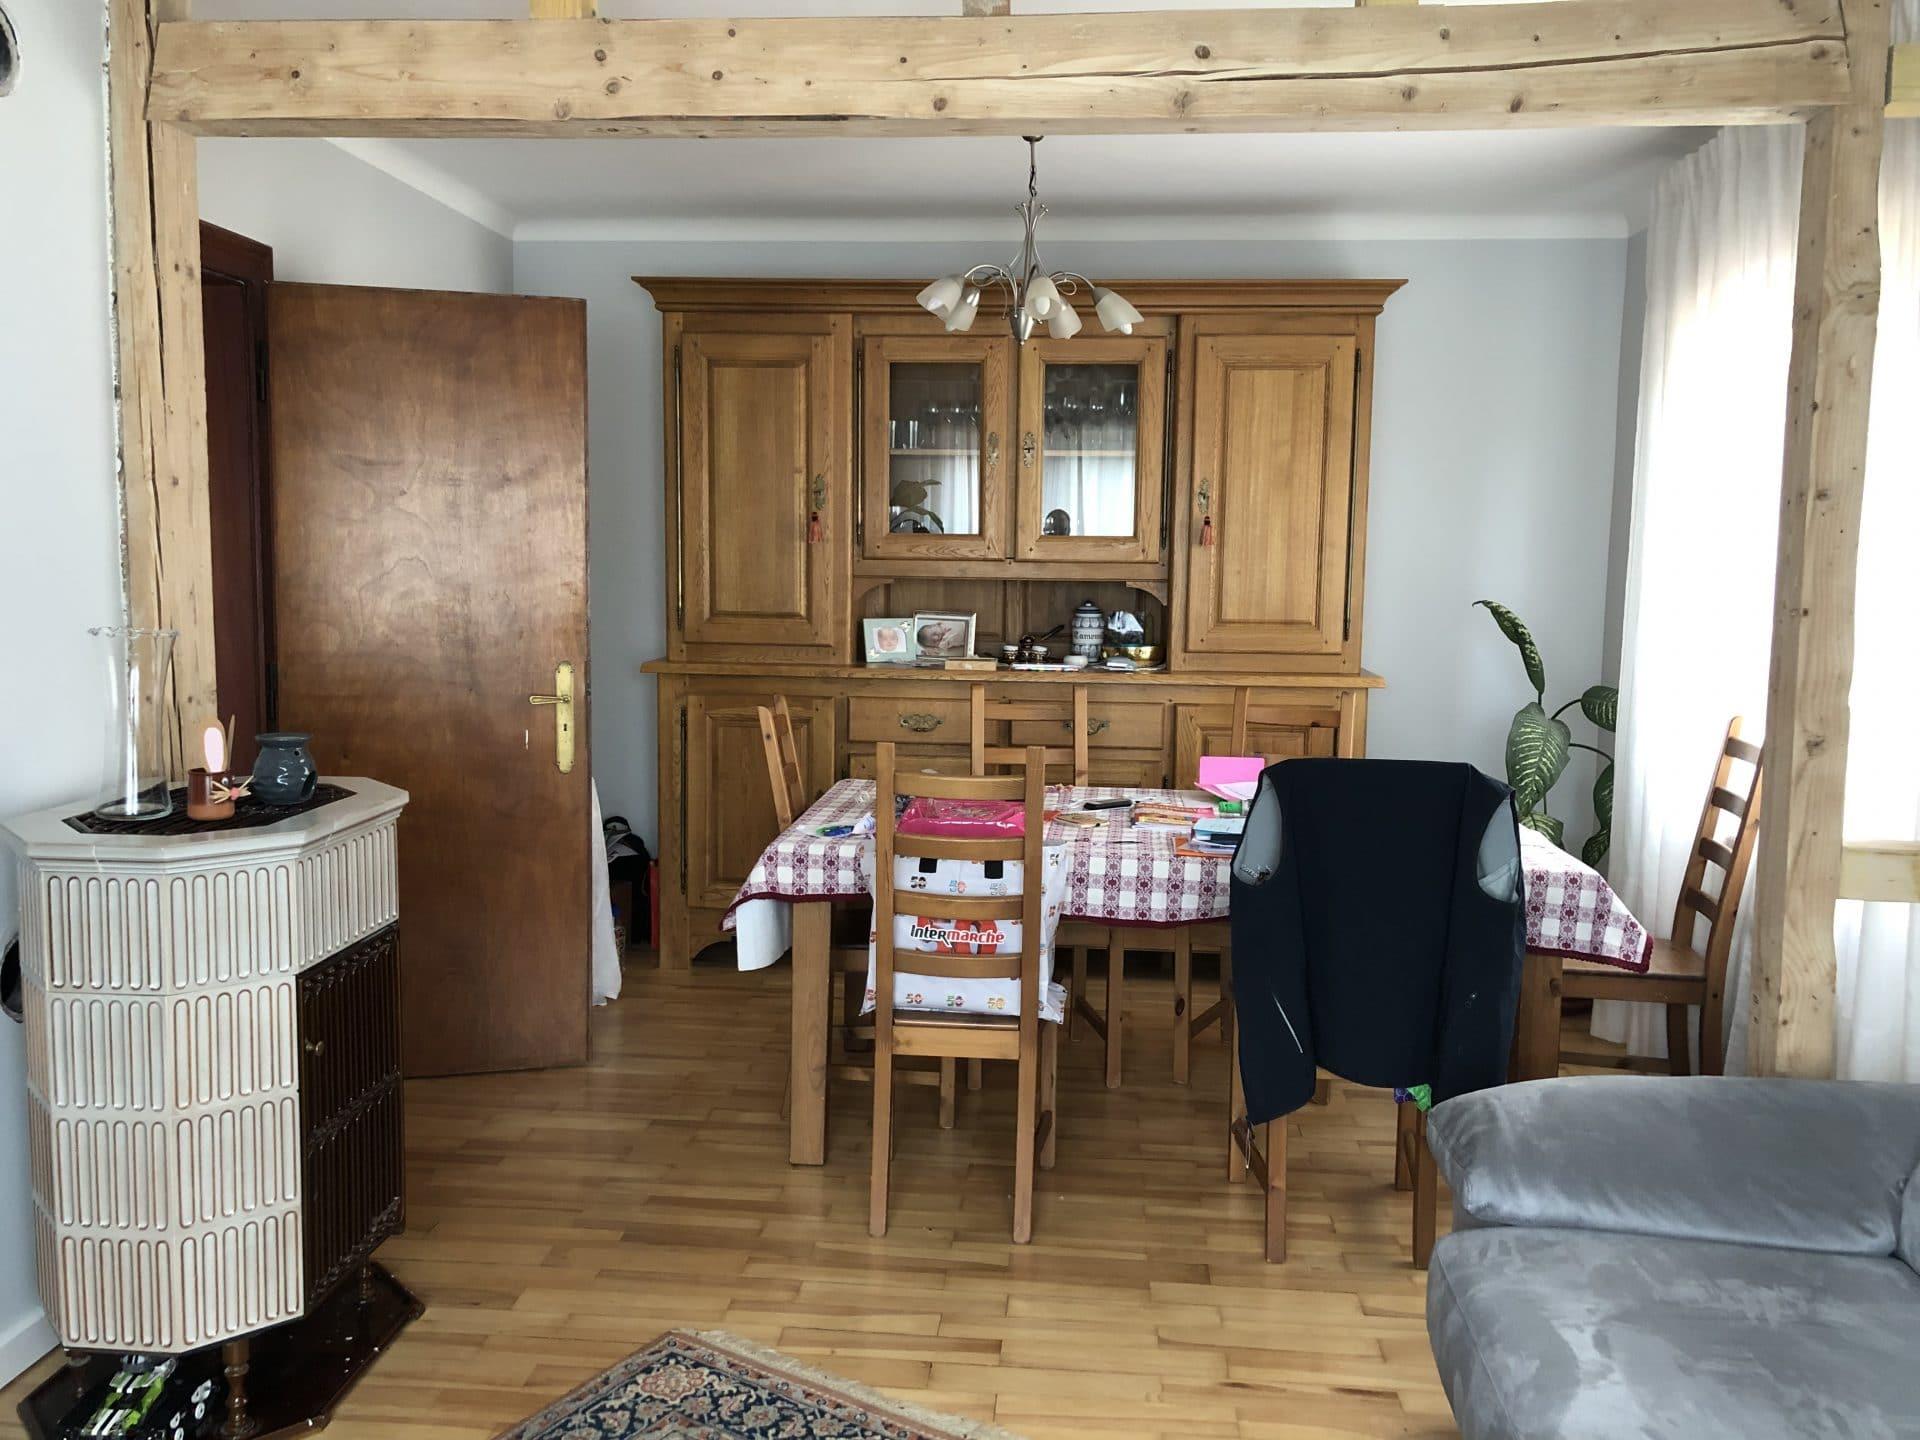 Rénovation de maison et salle de bain à Dinsheim sur Bruche (67)